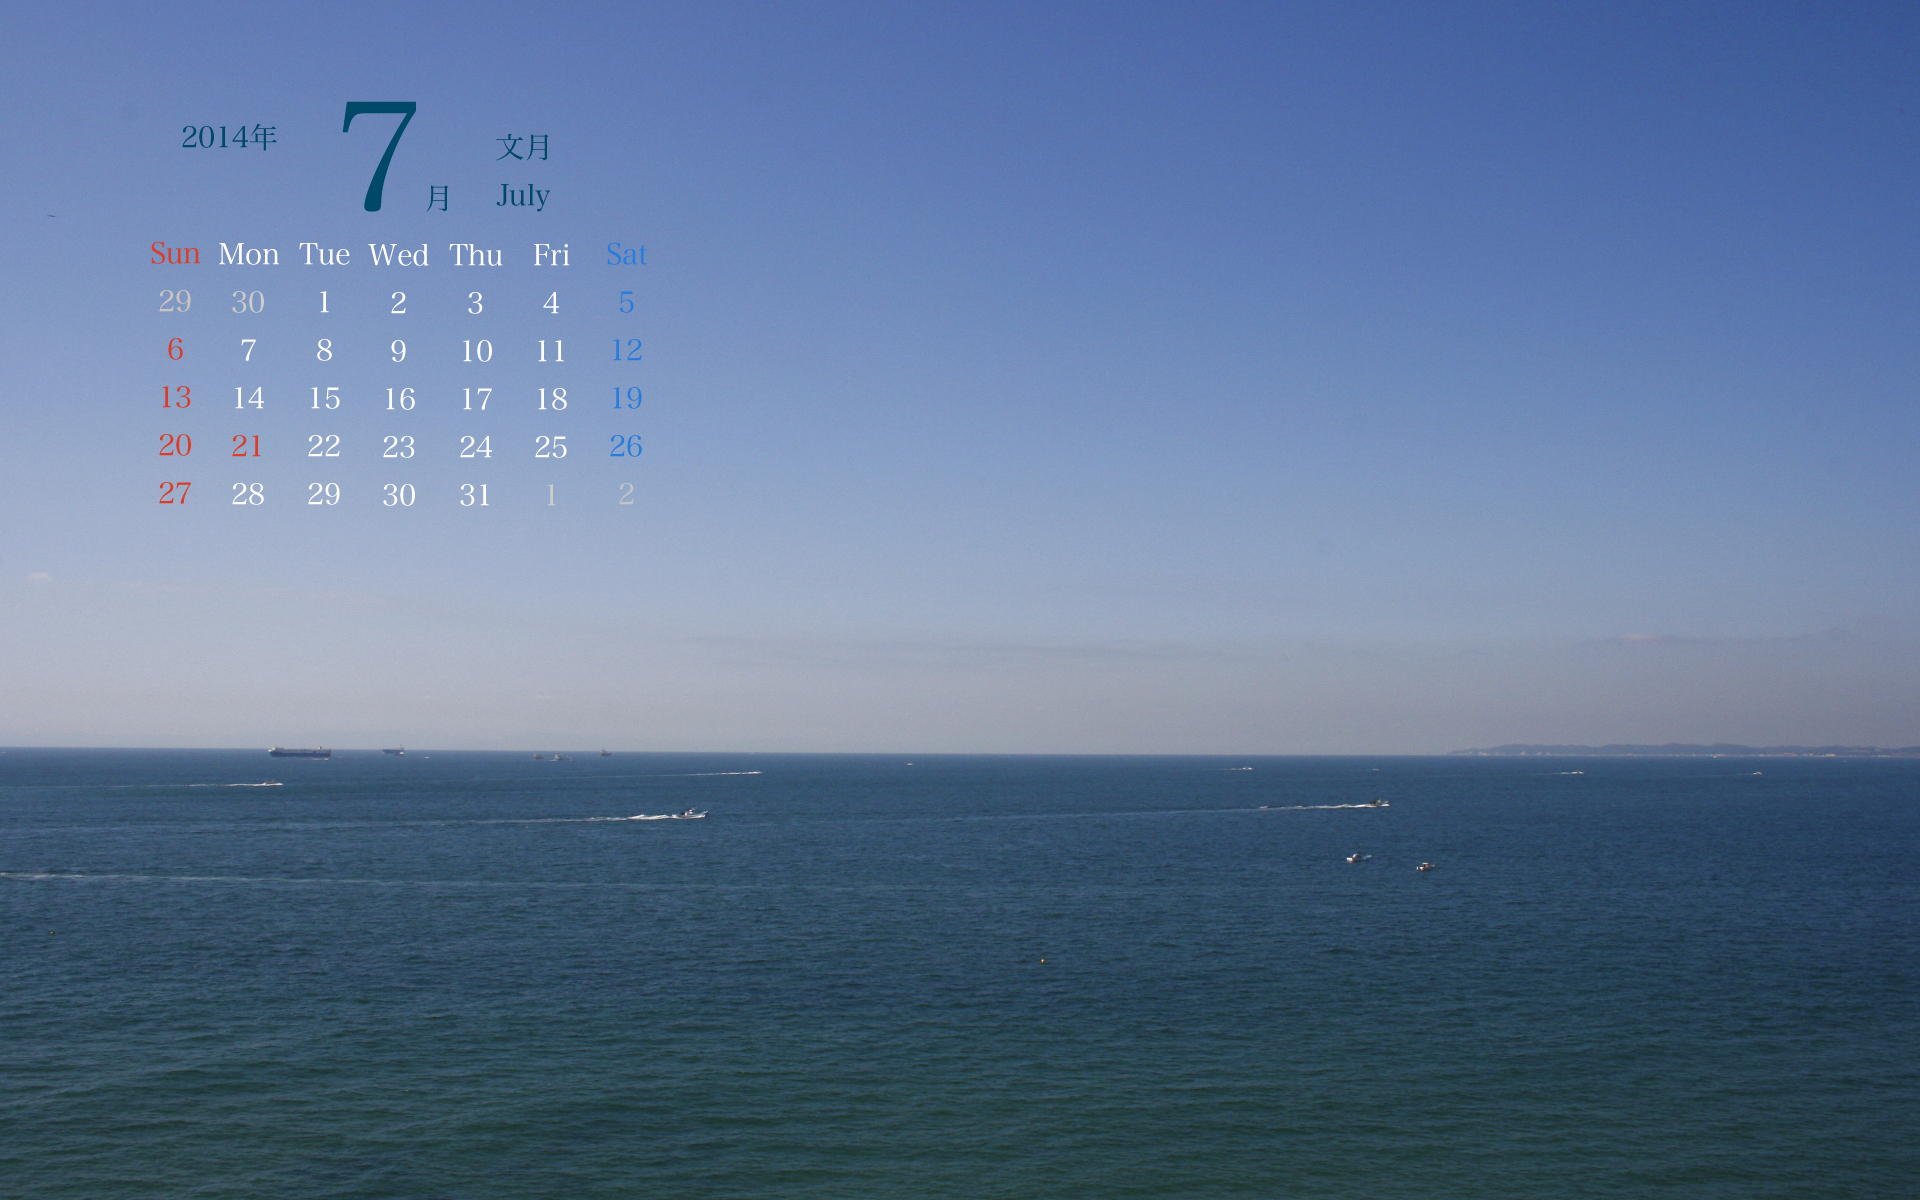 2014年7月pc壁紙カレンダー1 1920 1200 コンドウセピア Awrd アワード